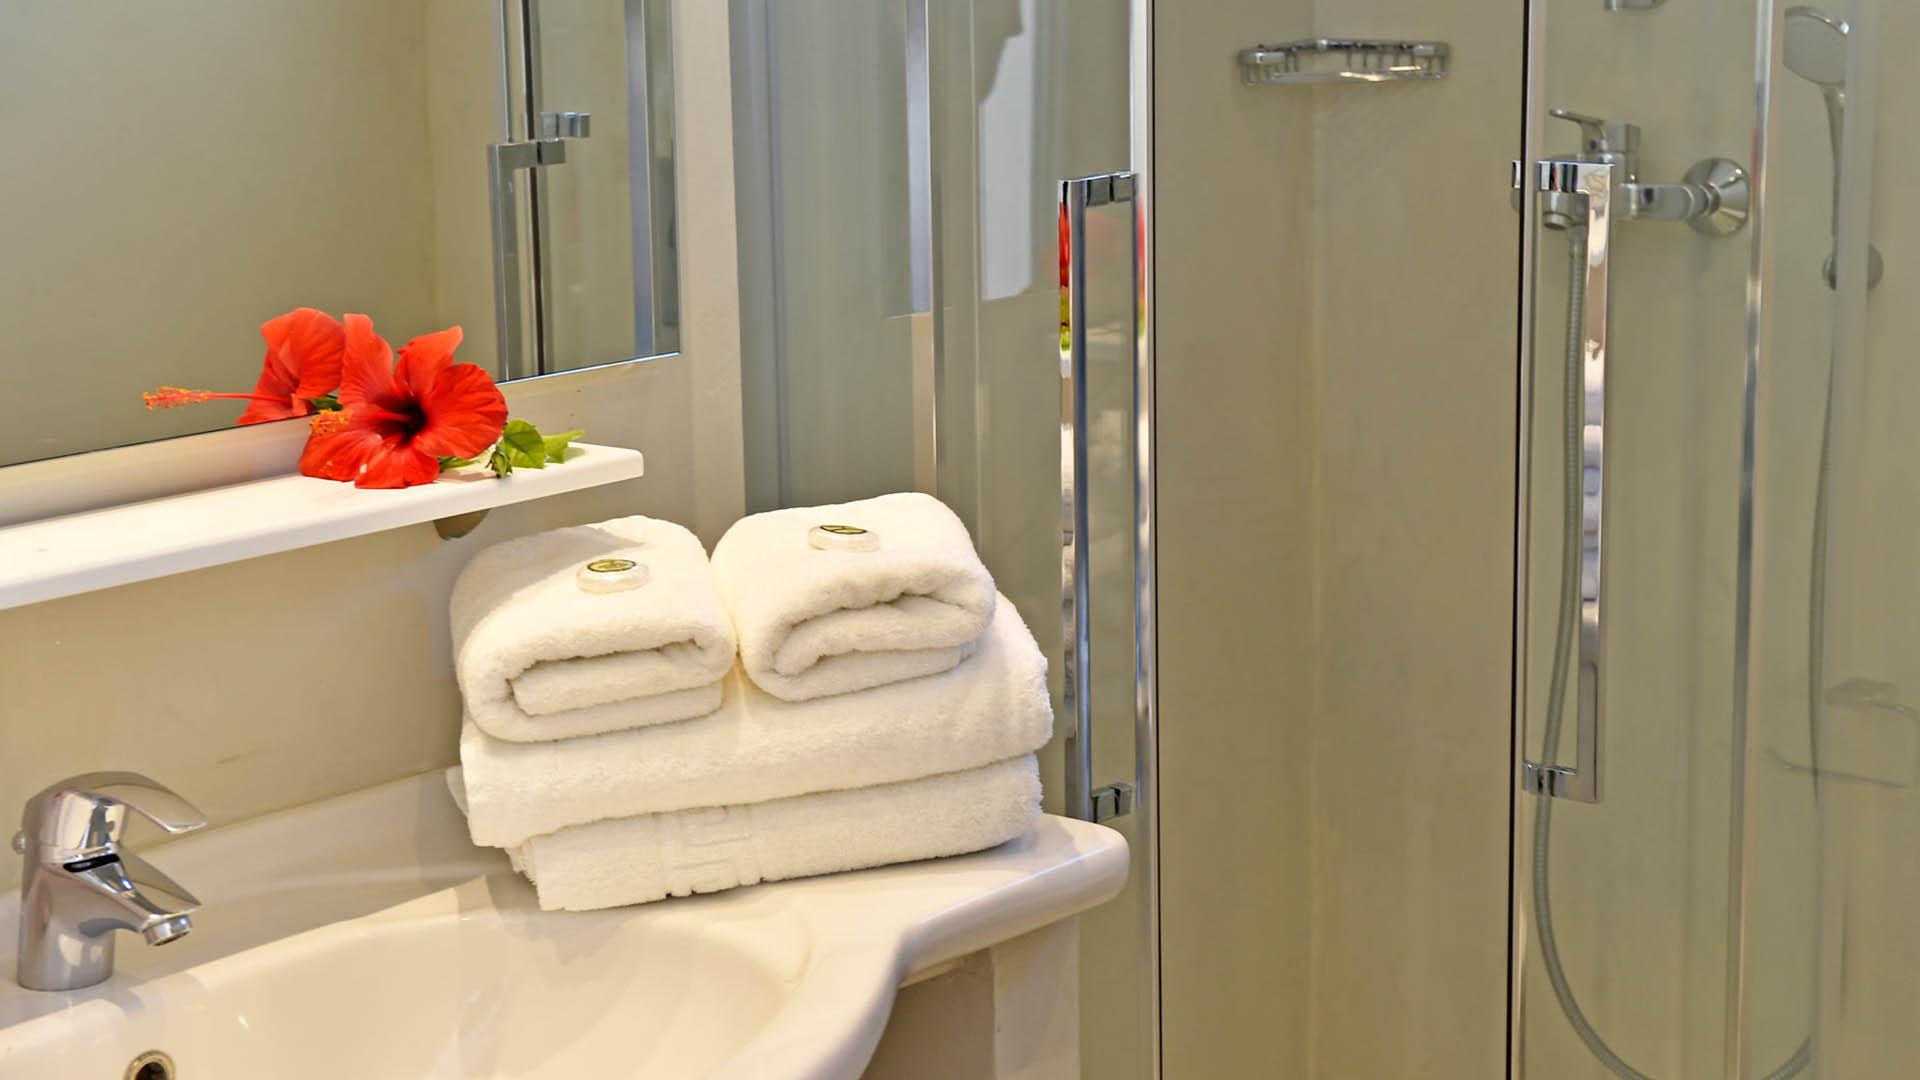 Η-_0000_03kalypsohotel-double-triple-rooms